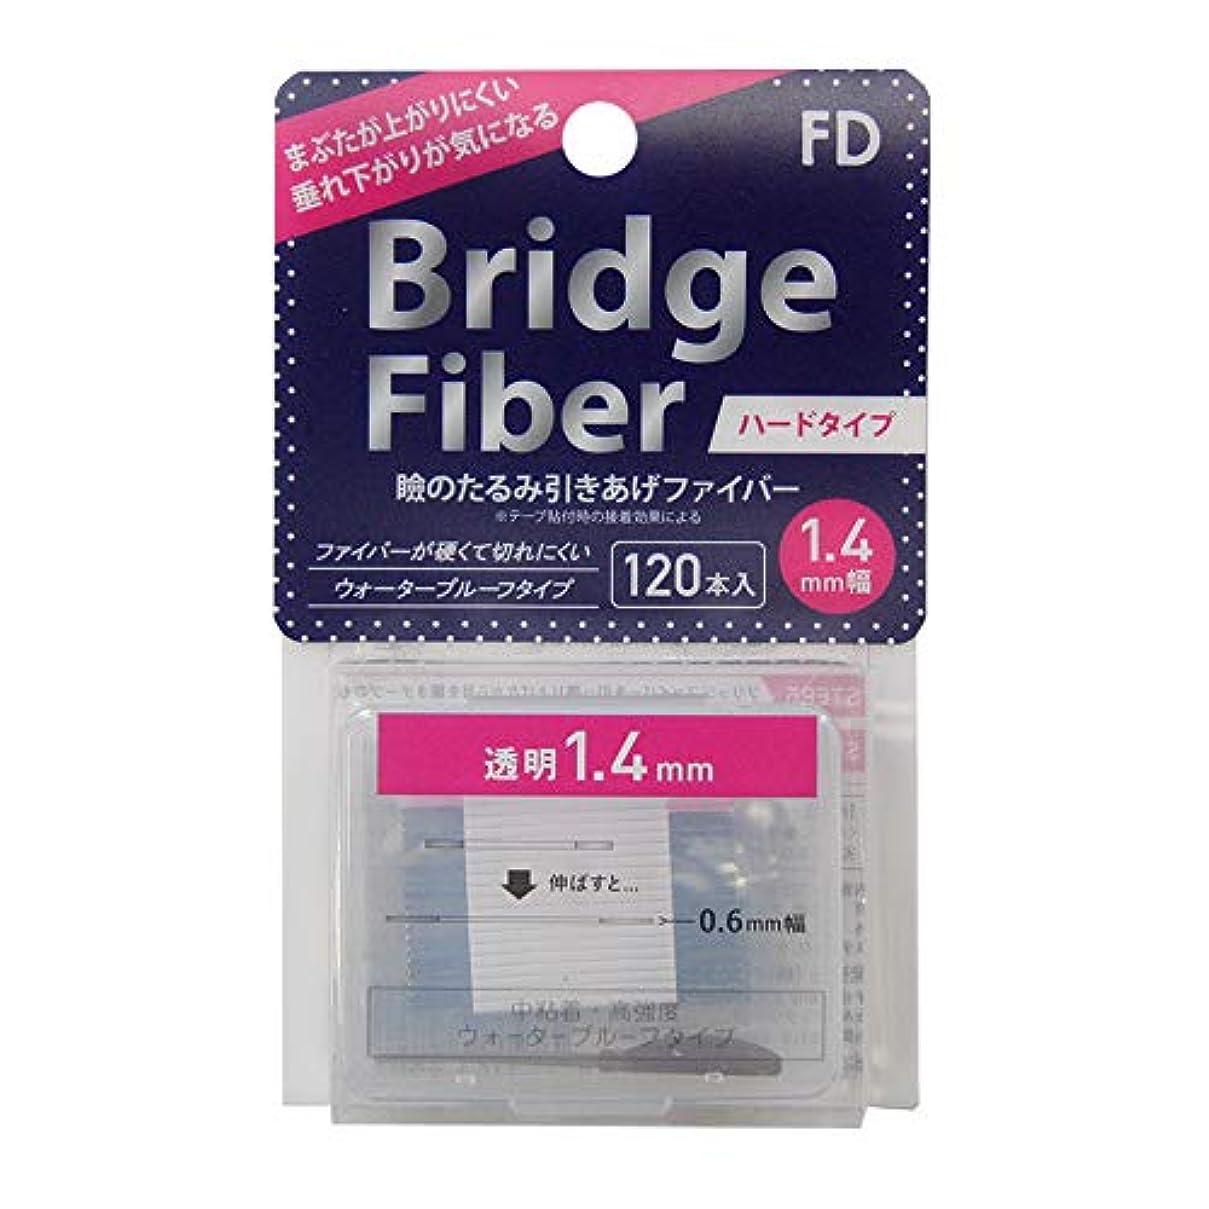 エンコミウムオーストラリア寸法FD ブリッジハードファイバー 眼瞼下垂防止テープ ハードタイプ 透明1.4mm幅 120本入り